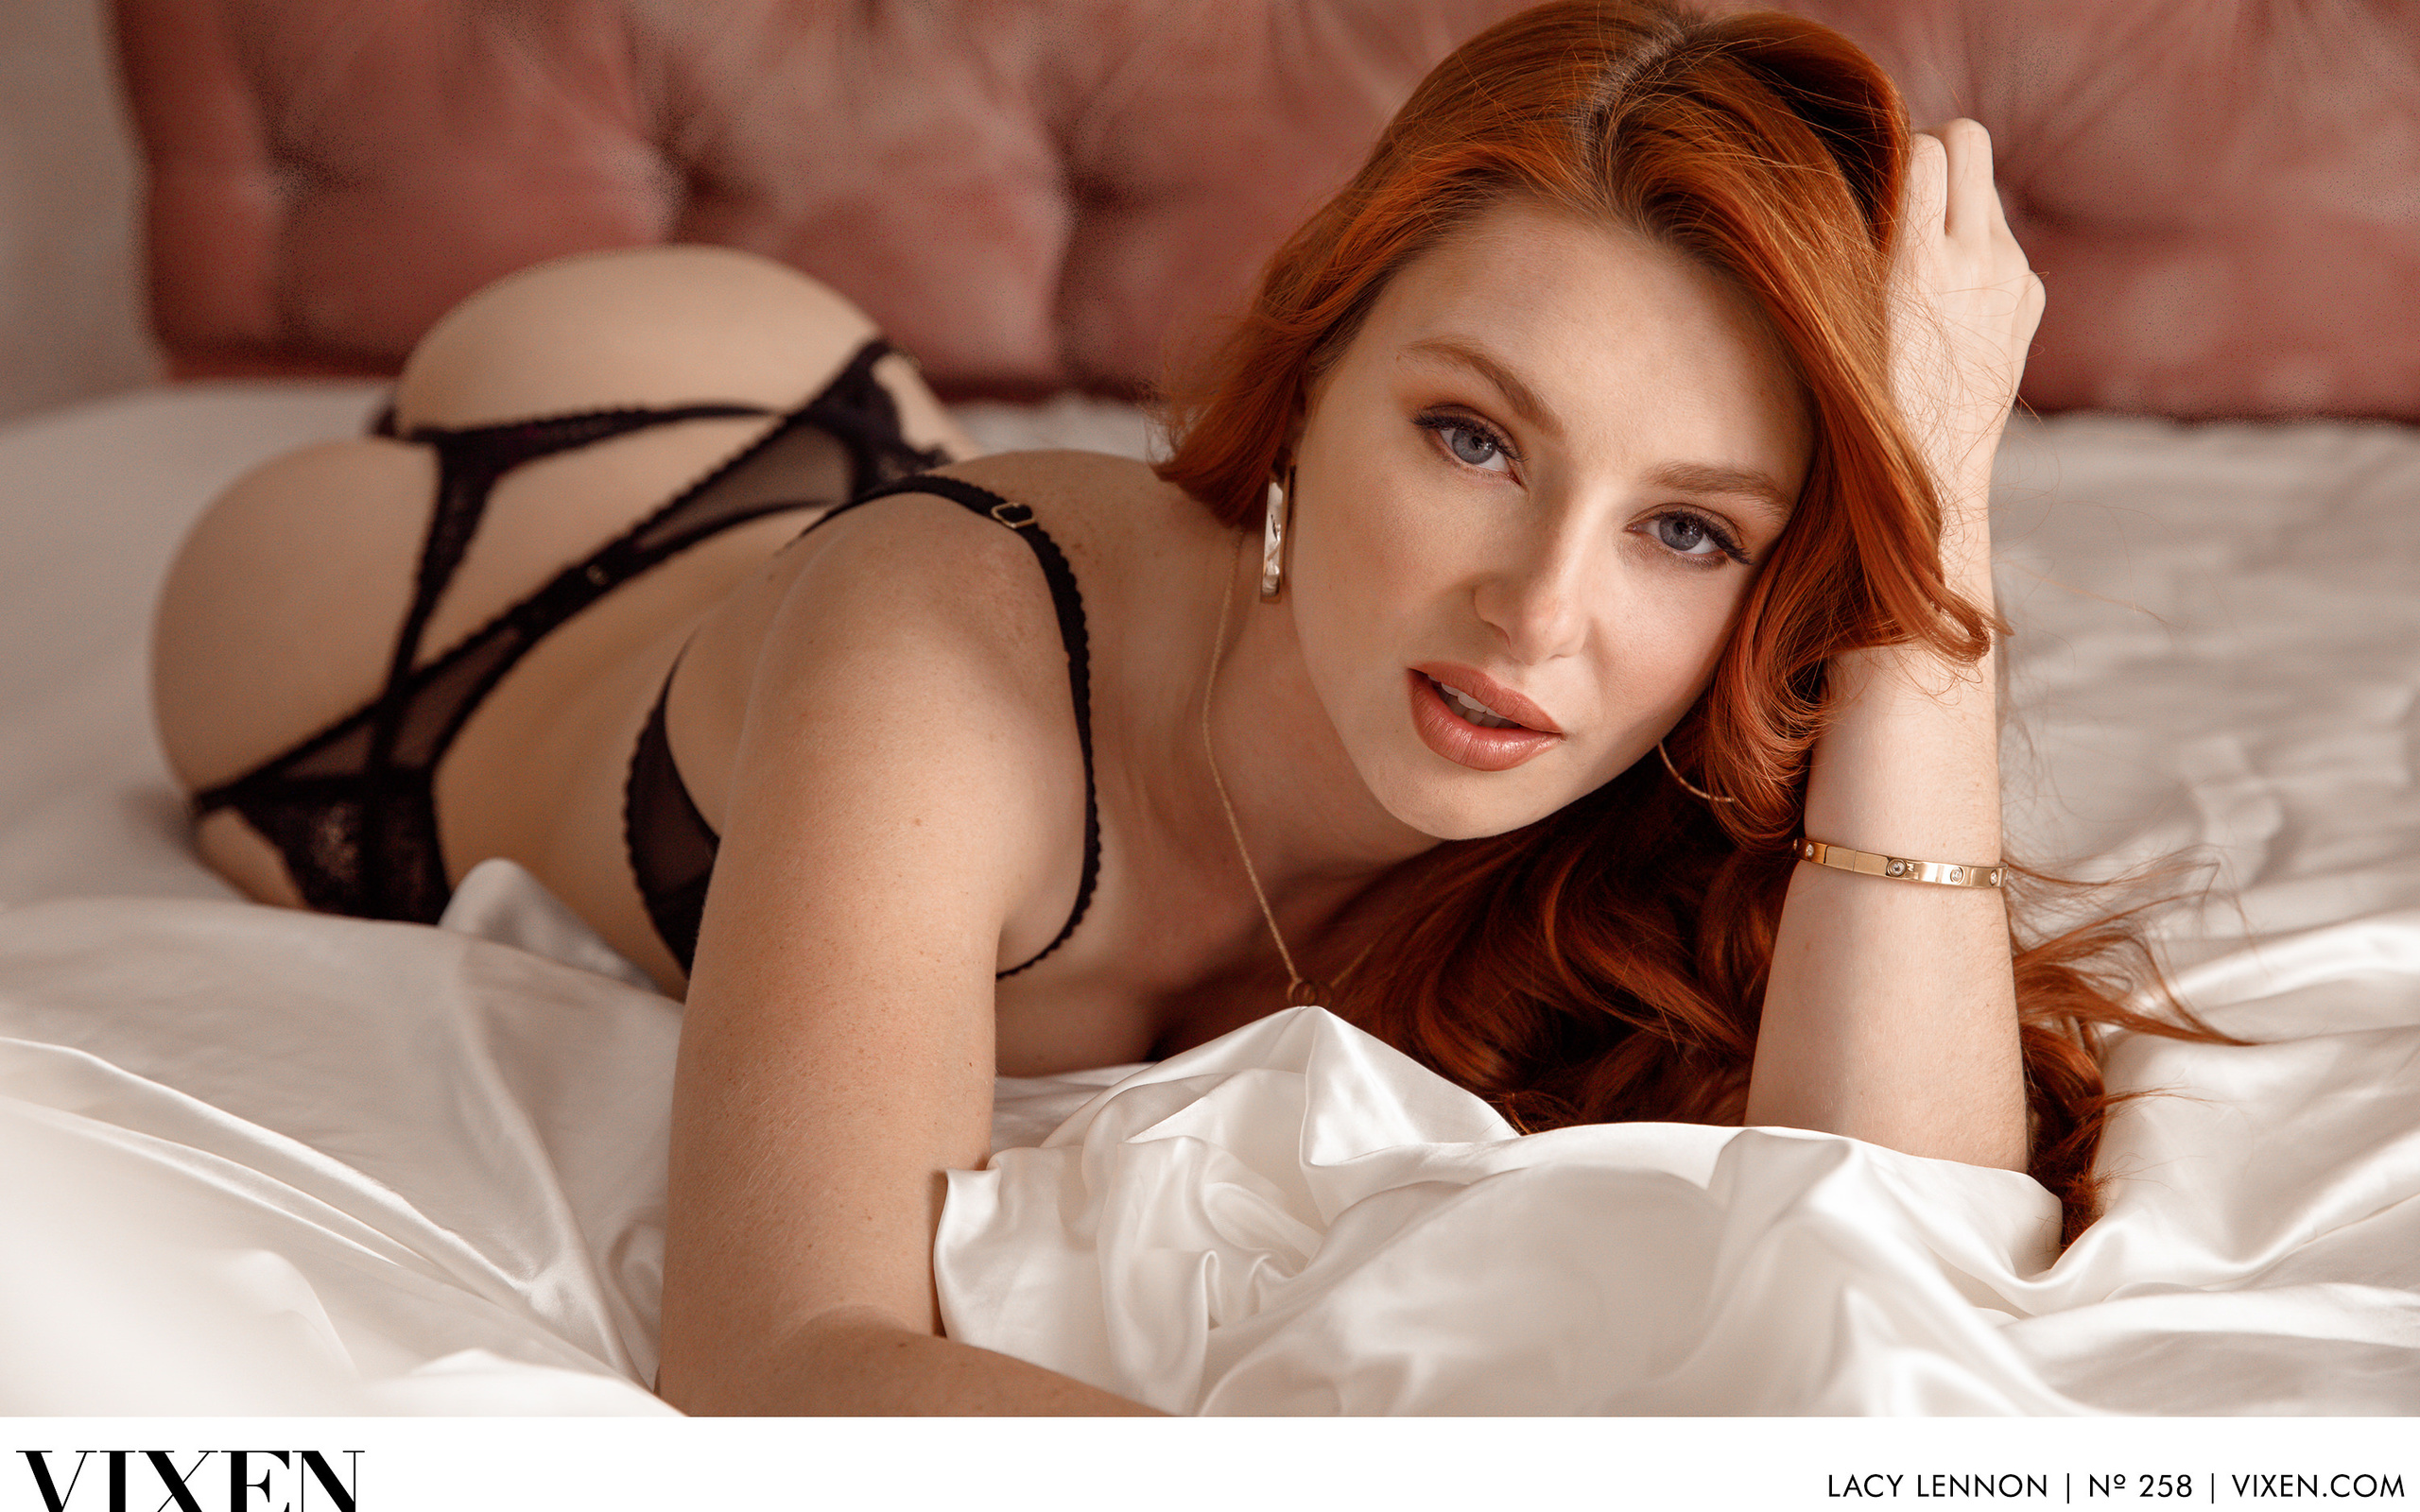 lacy lennon, pornstar, рыжая,кровать,черное бельё